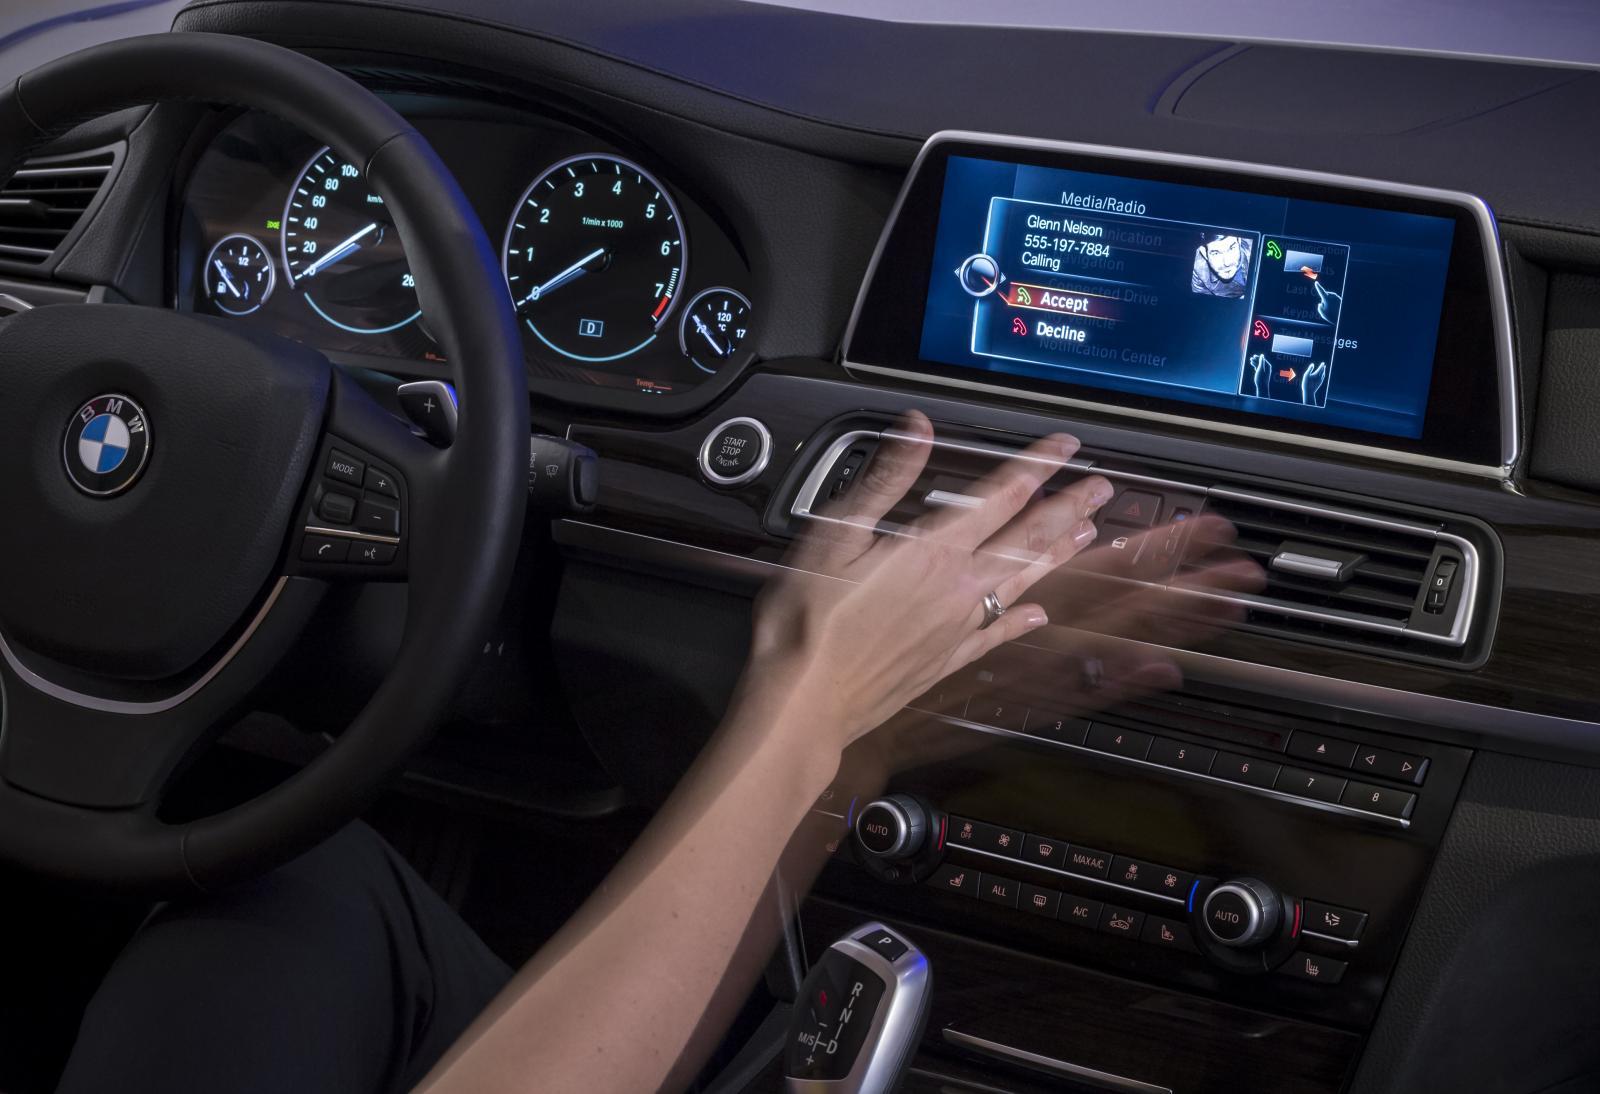 Att vifta med händerna för att höja volymen eller byta radiostation är inget bilägarna uppskattar.